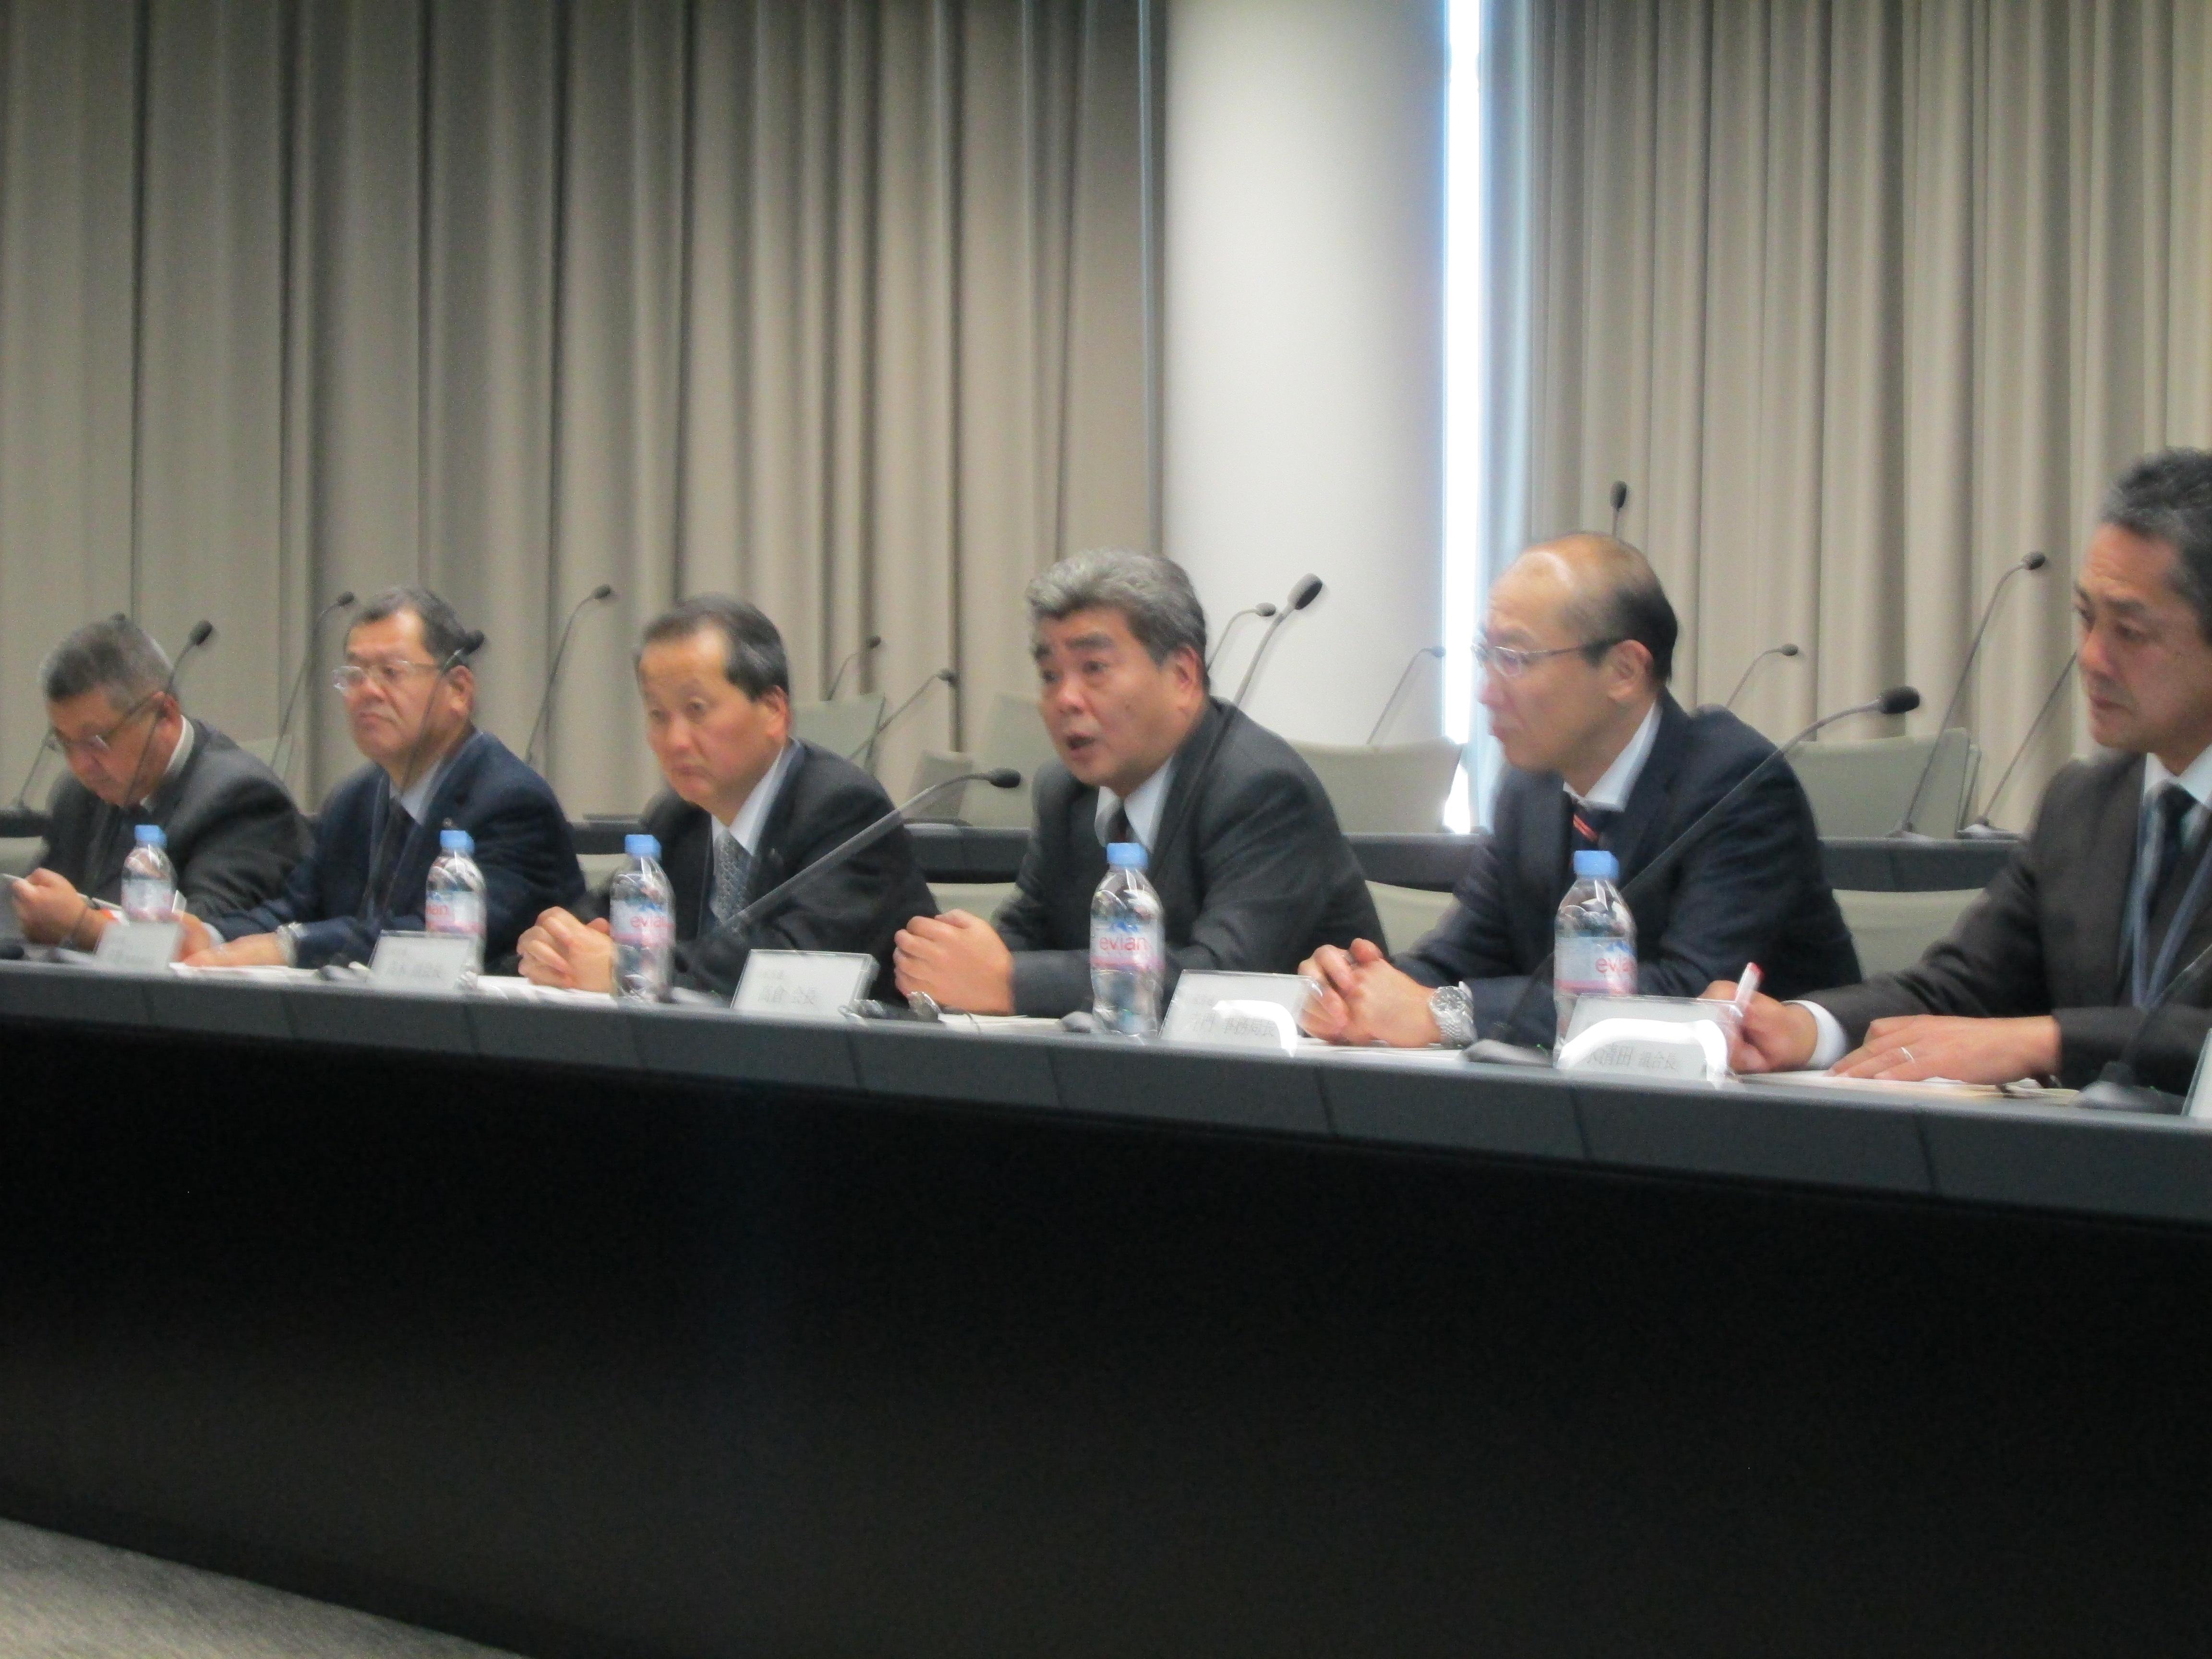 2014年度 日産自動車㈱との購買政策に関する労使会議